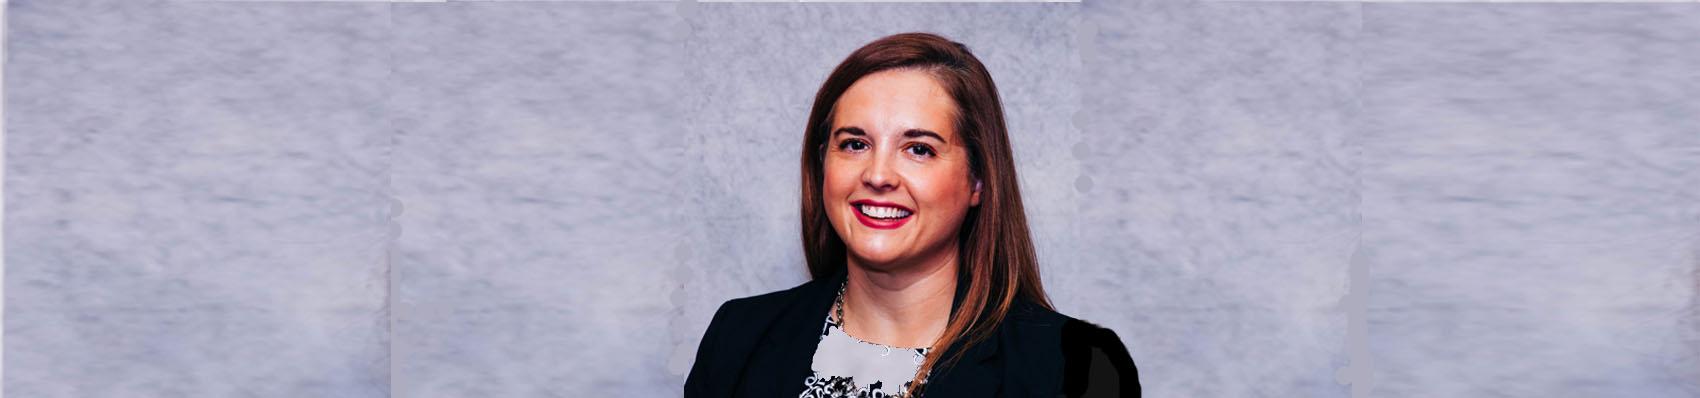 Erin Madden, Associate at Pitzer Snodgrass, P.C.